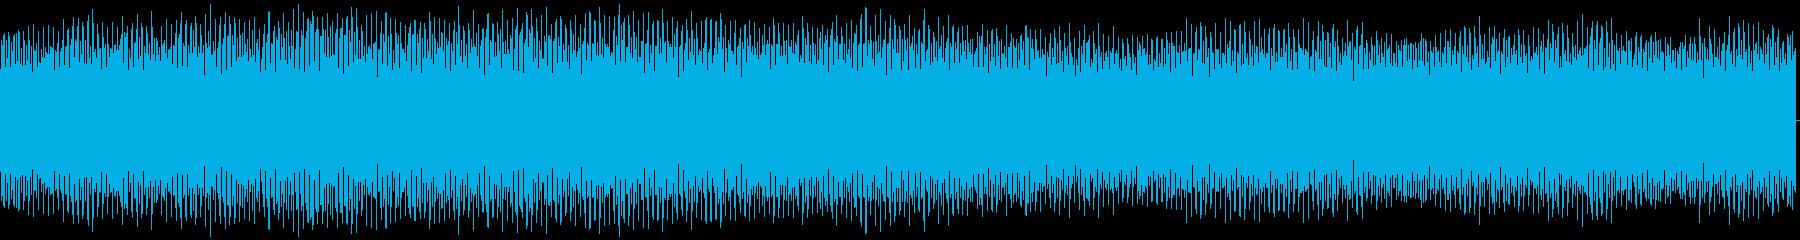 扇風機の中回転の再生済みの波形